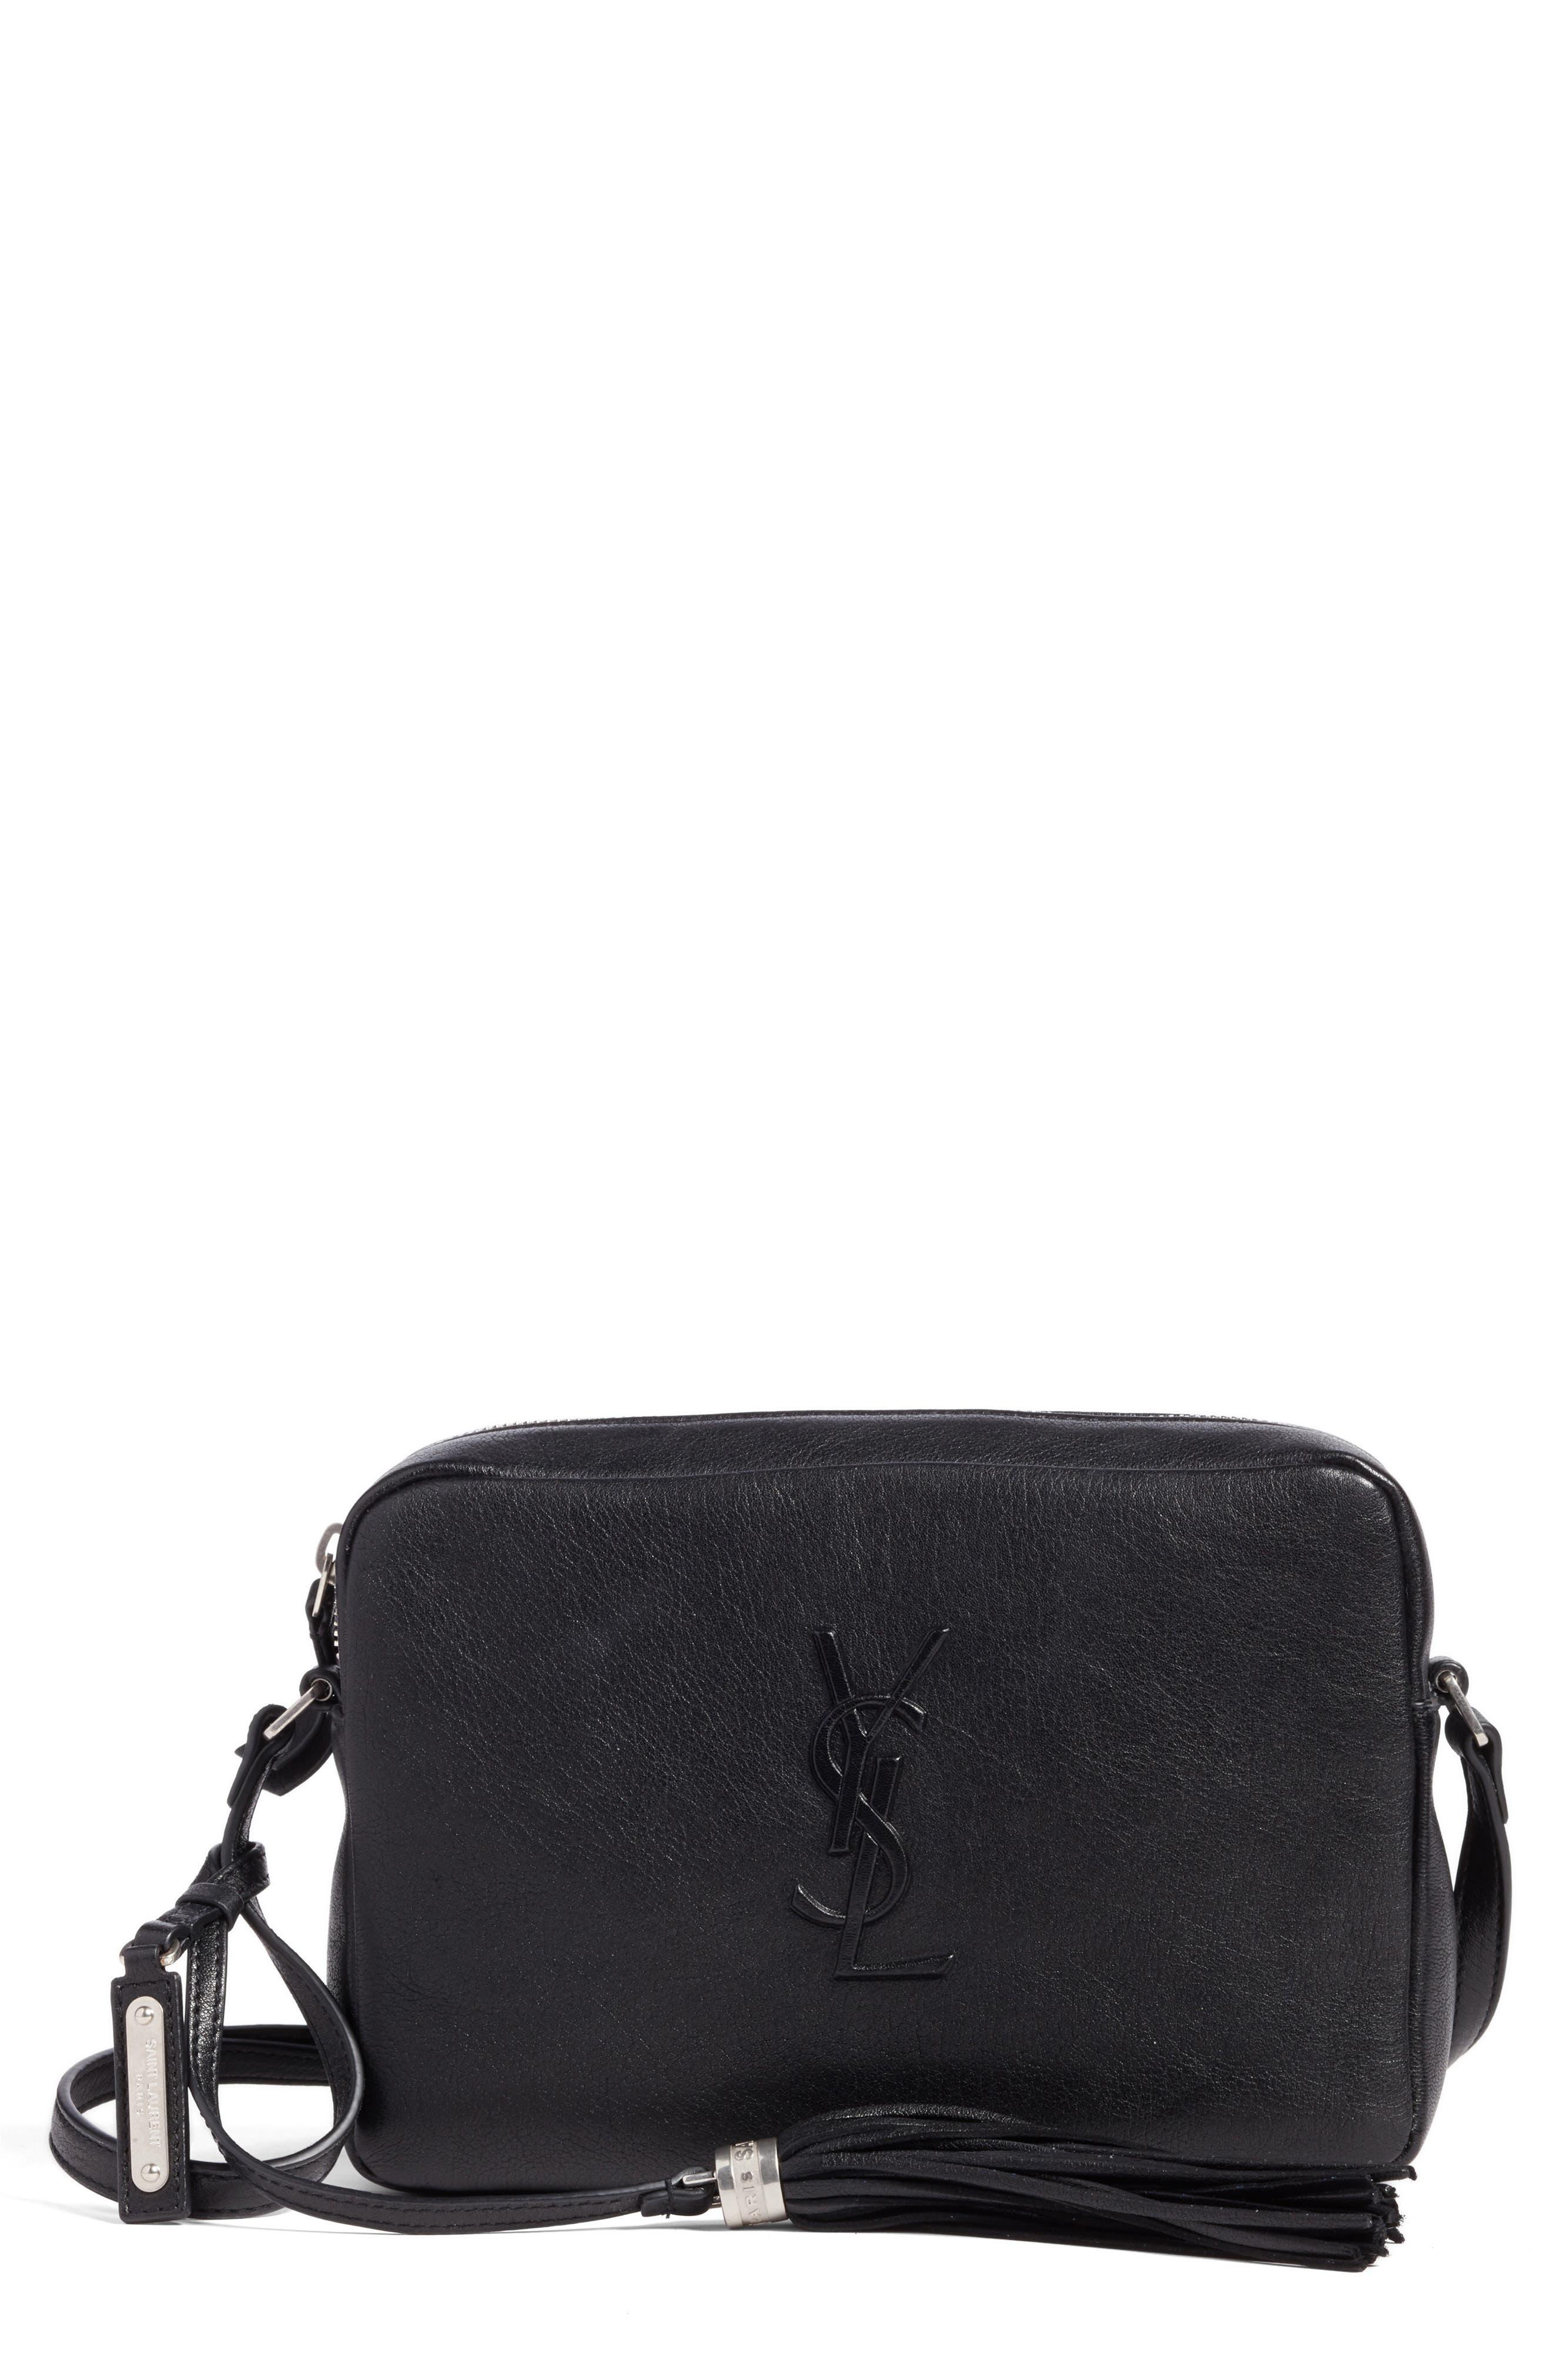 SAINT LAURENT, Small Mono Leather Camera Bag, Main thumbnail 1, color, NOIR